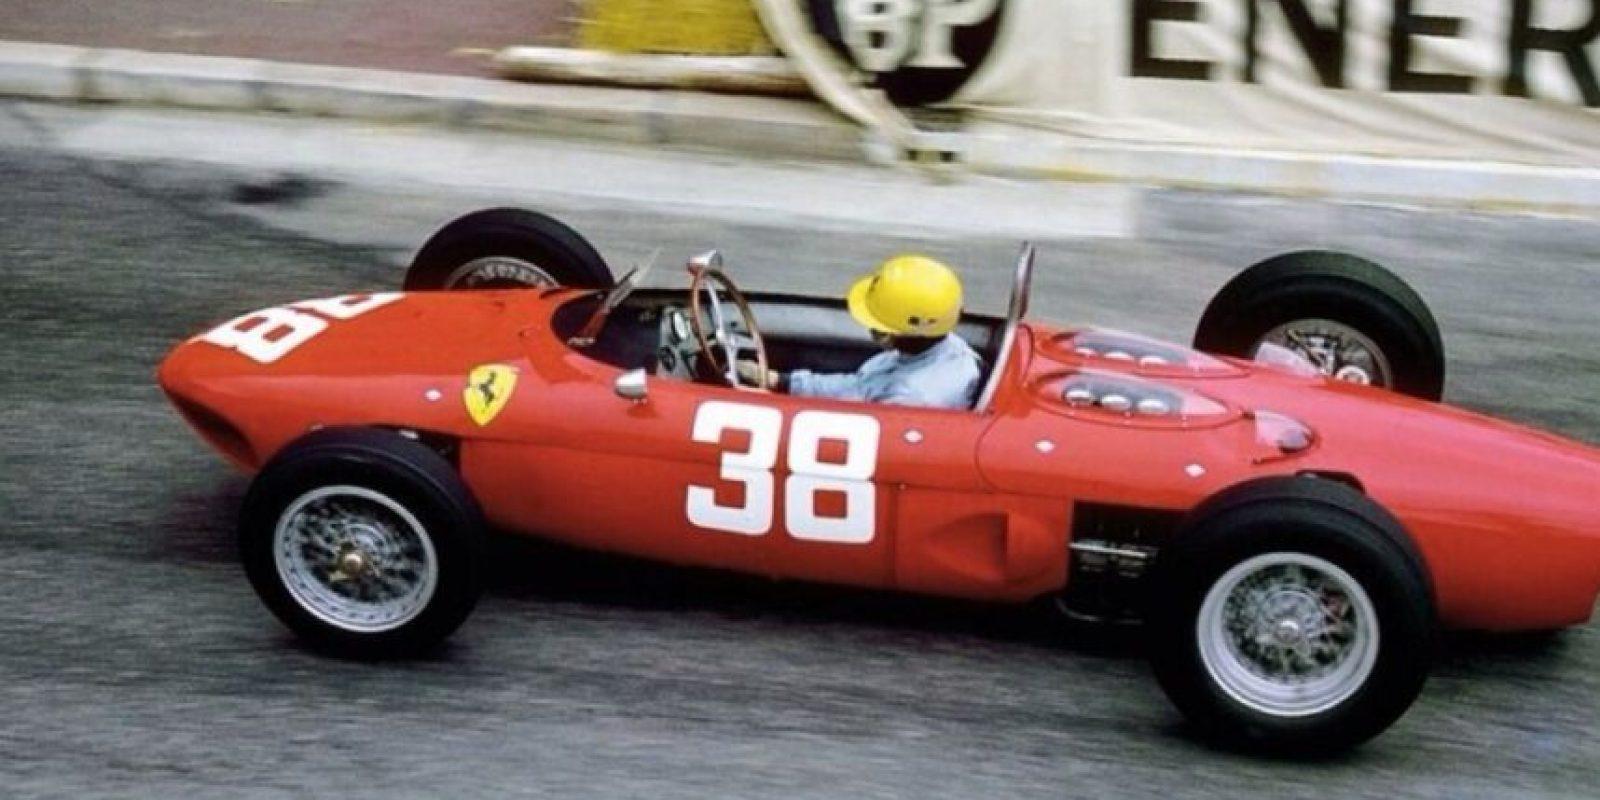 En el mundial de 1961 terminó en el duodécimo lugar. Foto:Twitter